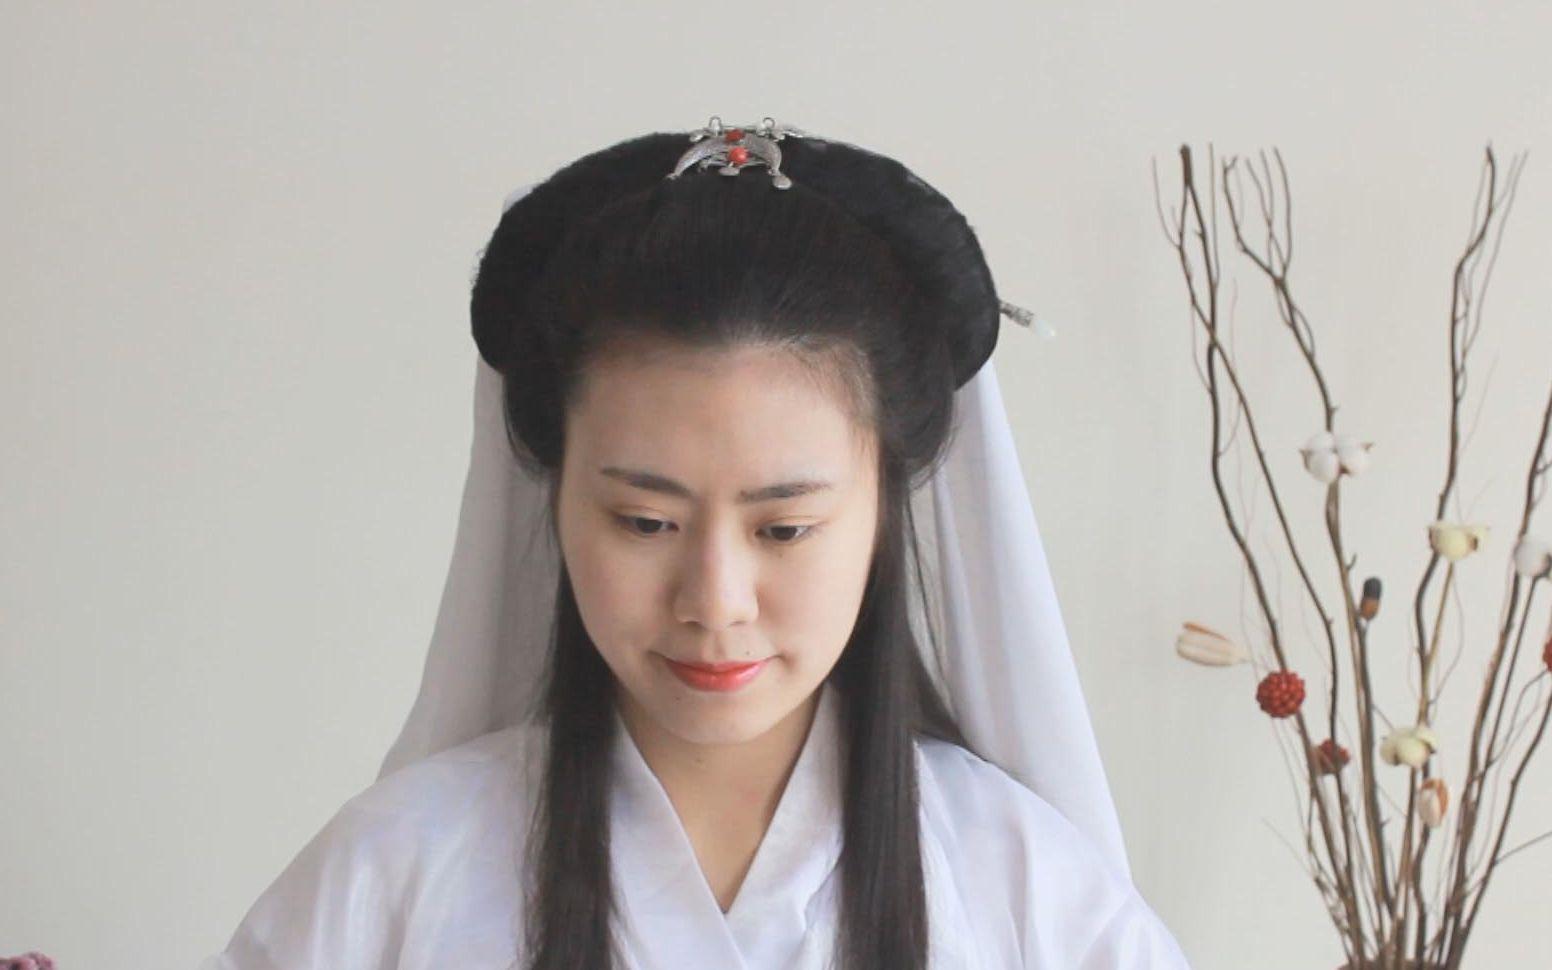 《新白娘子传奇》由杨紫担任白蛇!青蛇竟是她!图片